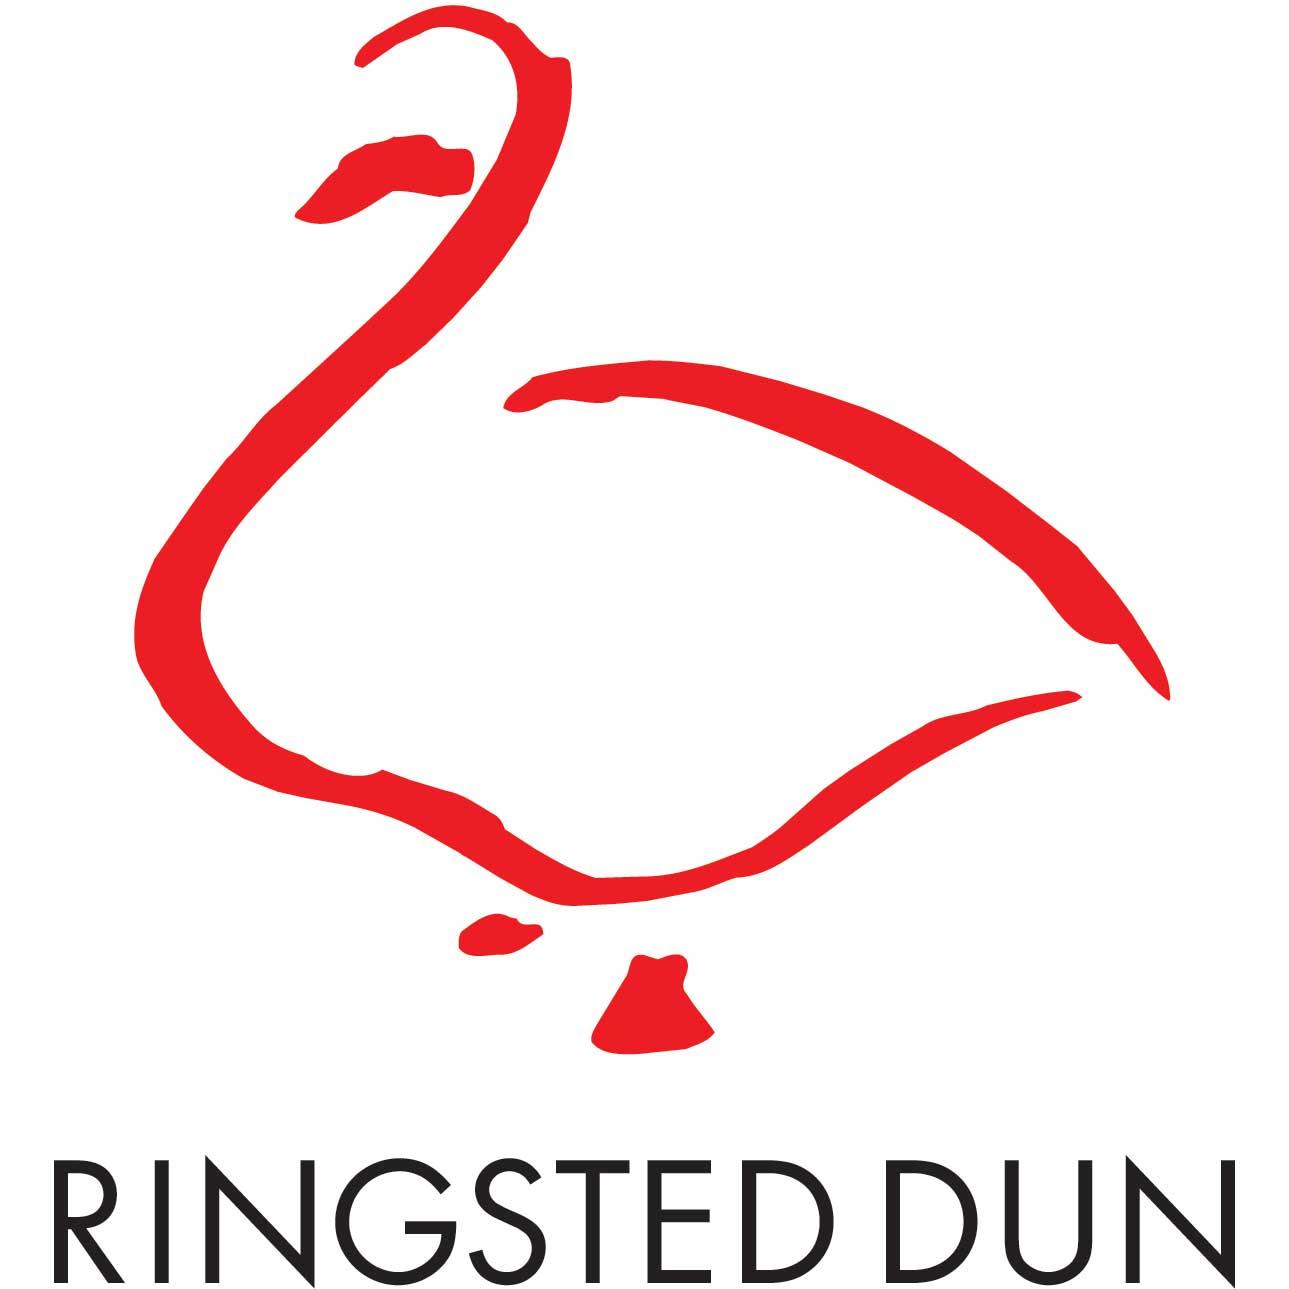 ringsted dun dyne Ringsted Dun   Svinedrengen (ekstra varm dyne)   Dynehuset ringsted dun dyne